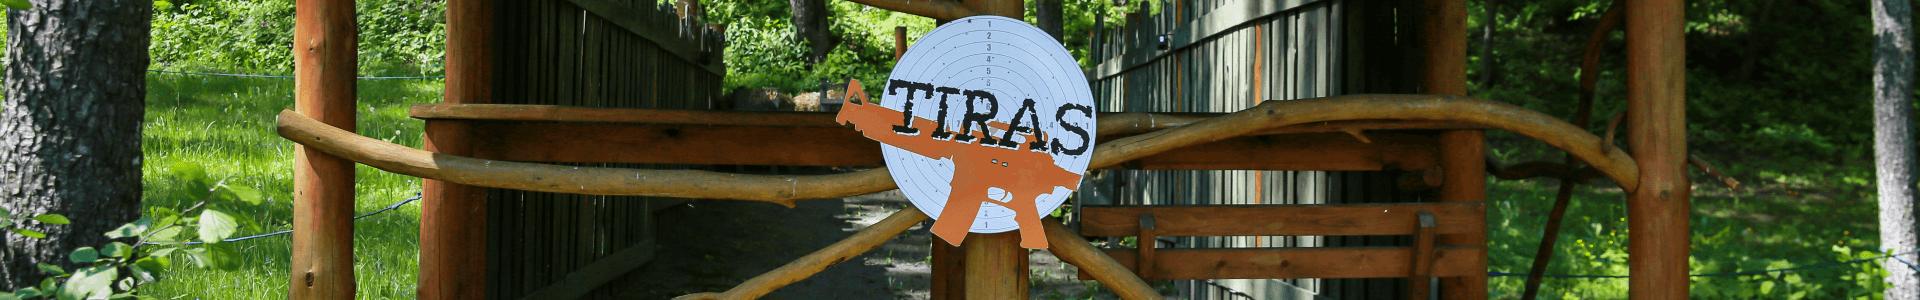 Tiras 3